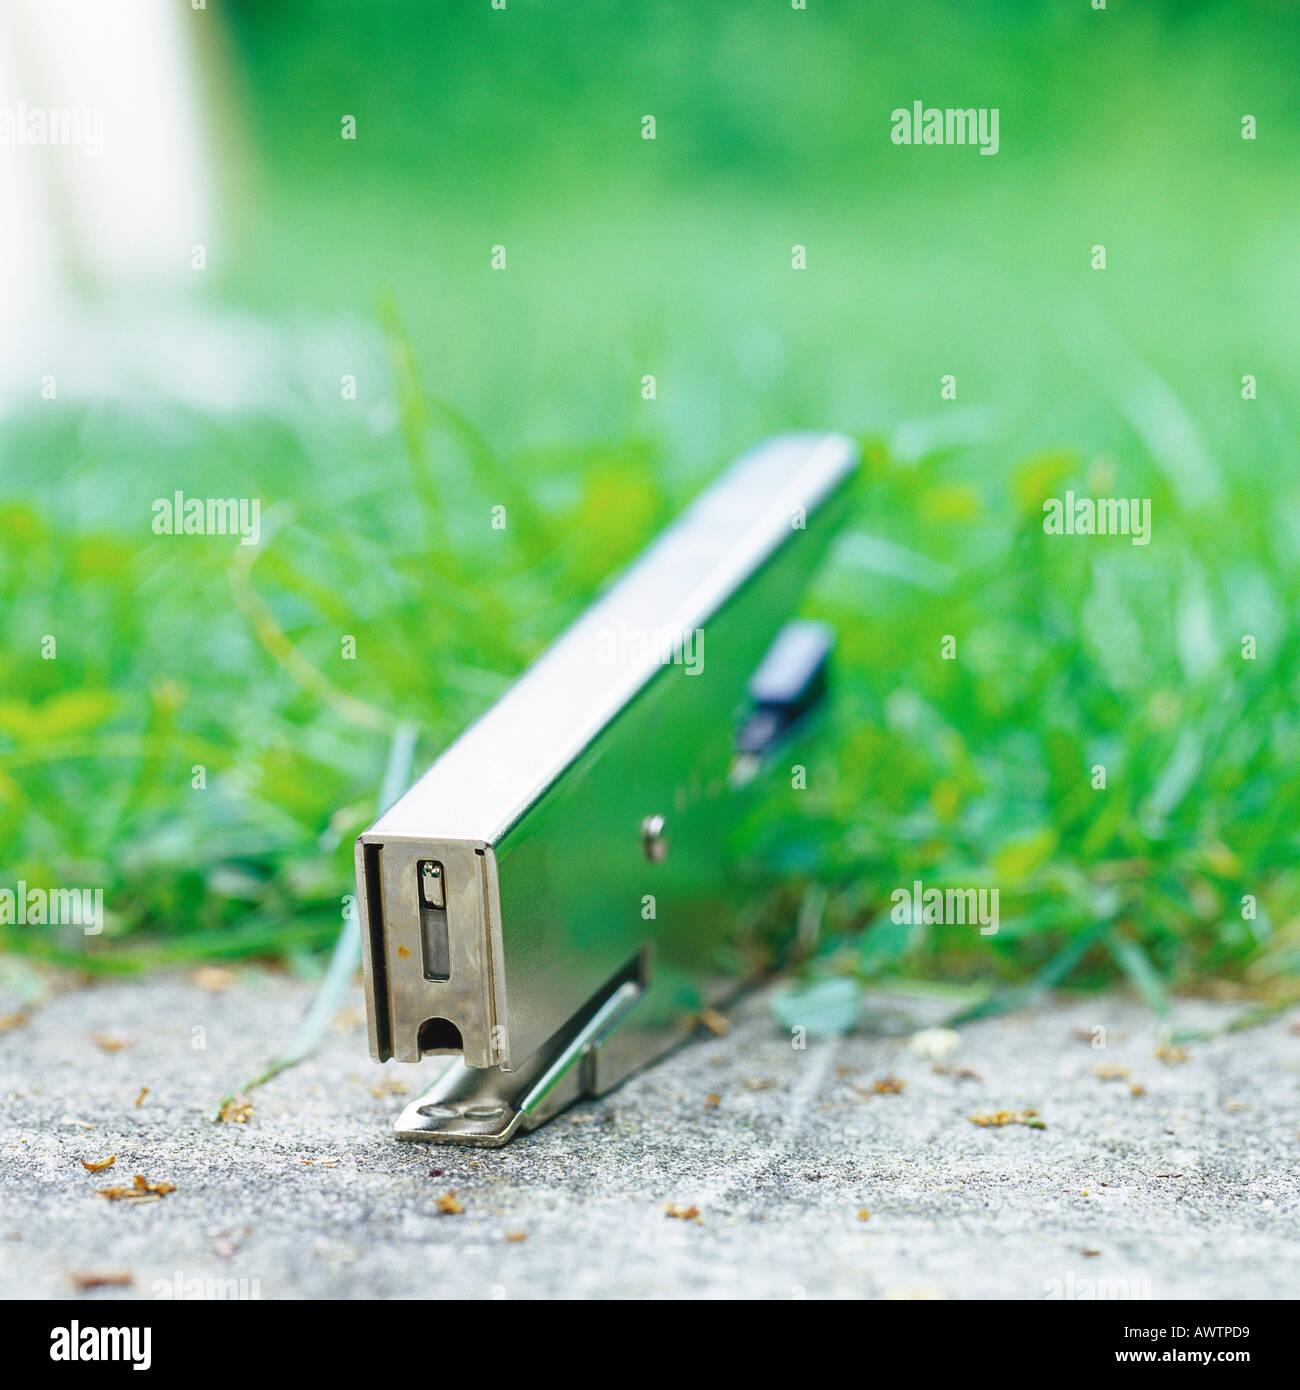 Stapler at edge of sidewalk - Stock Image